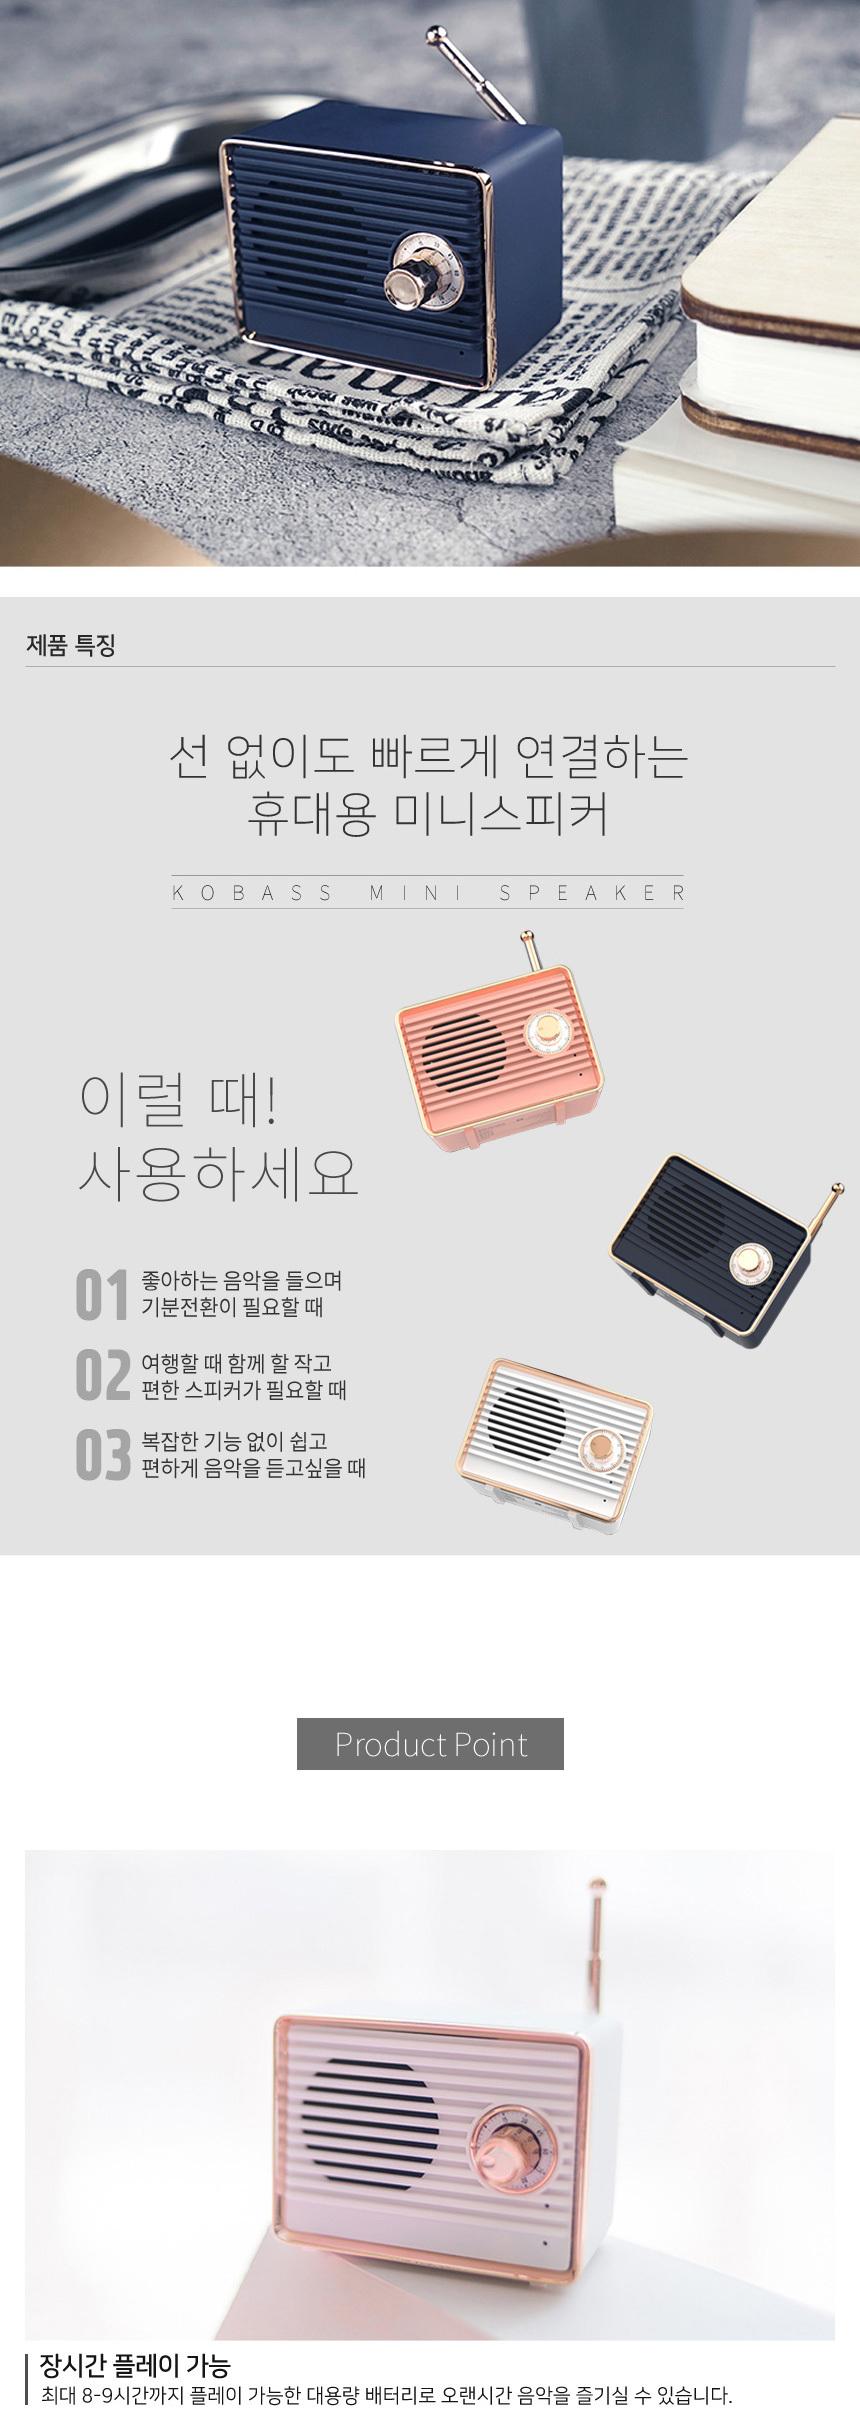 휴대용 미니 HearMe블루투스 스피커 - 코바스, 28,700원, 스피커, 무드등/블루투스 스피커